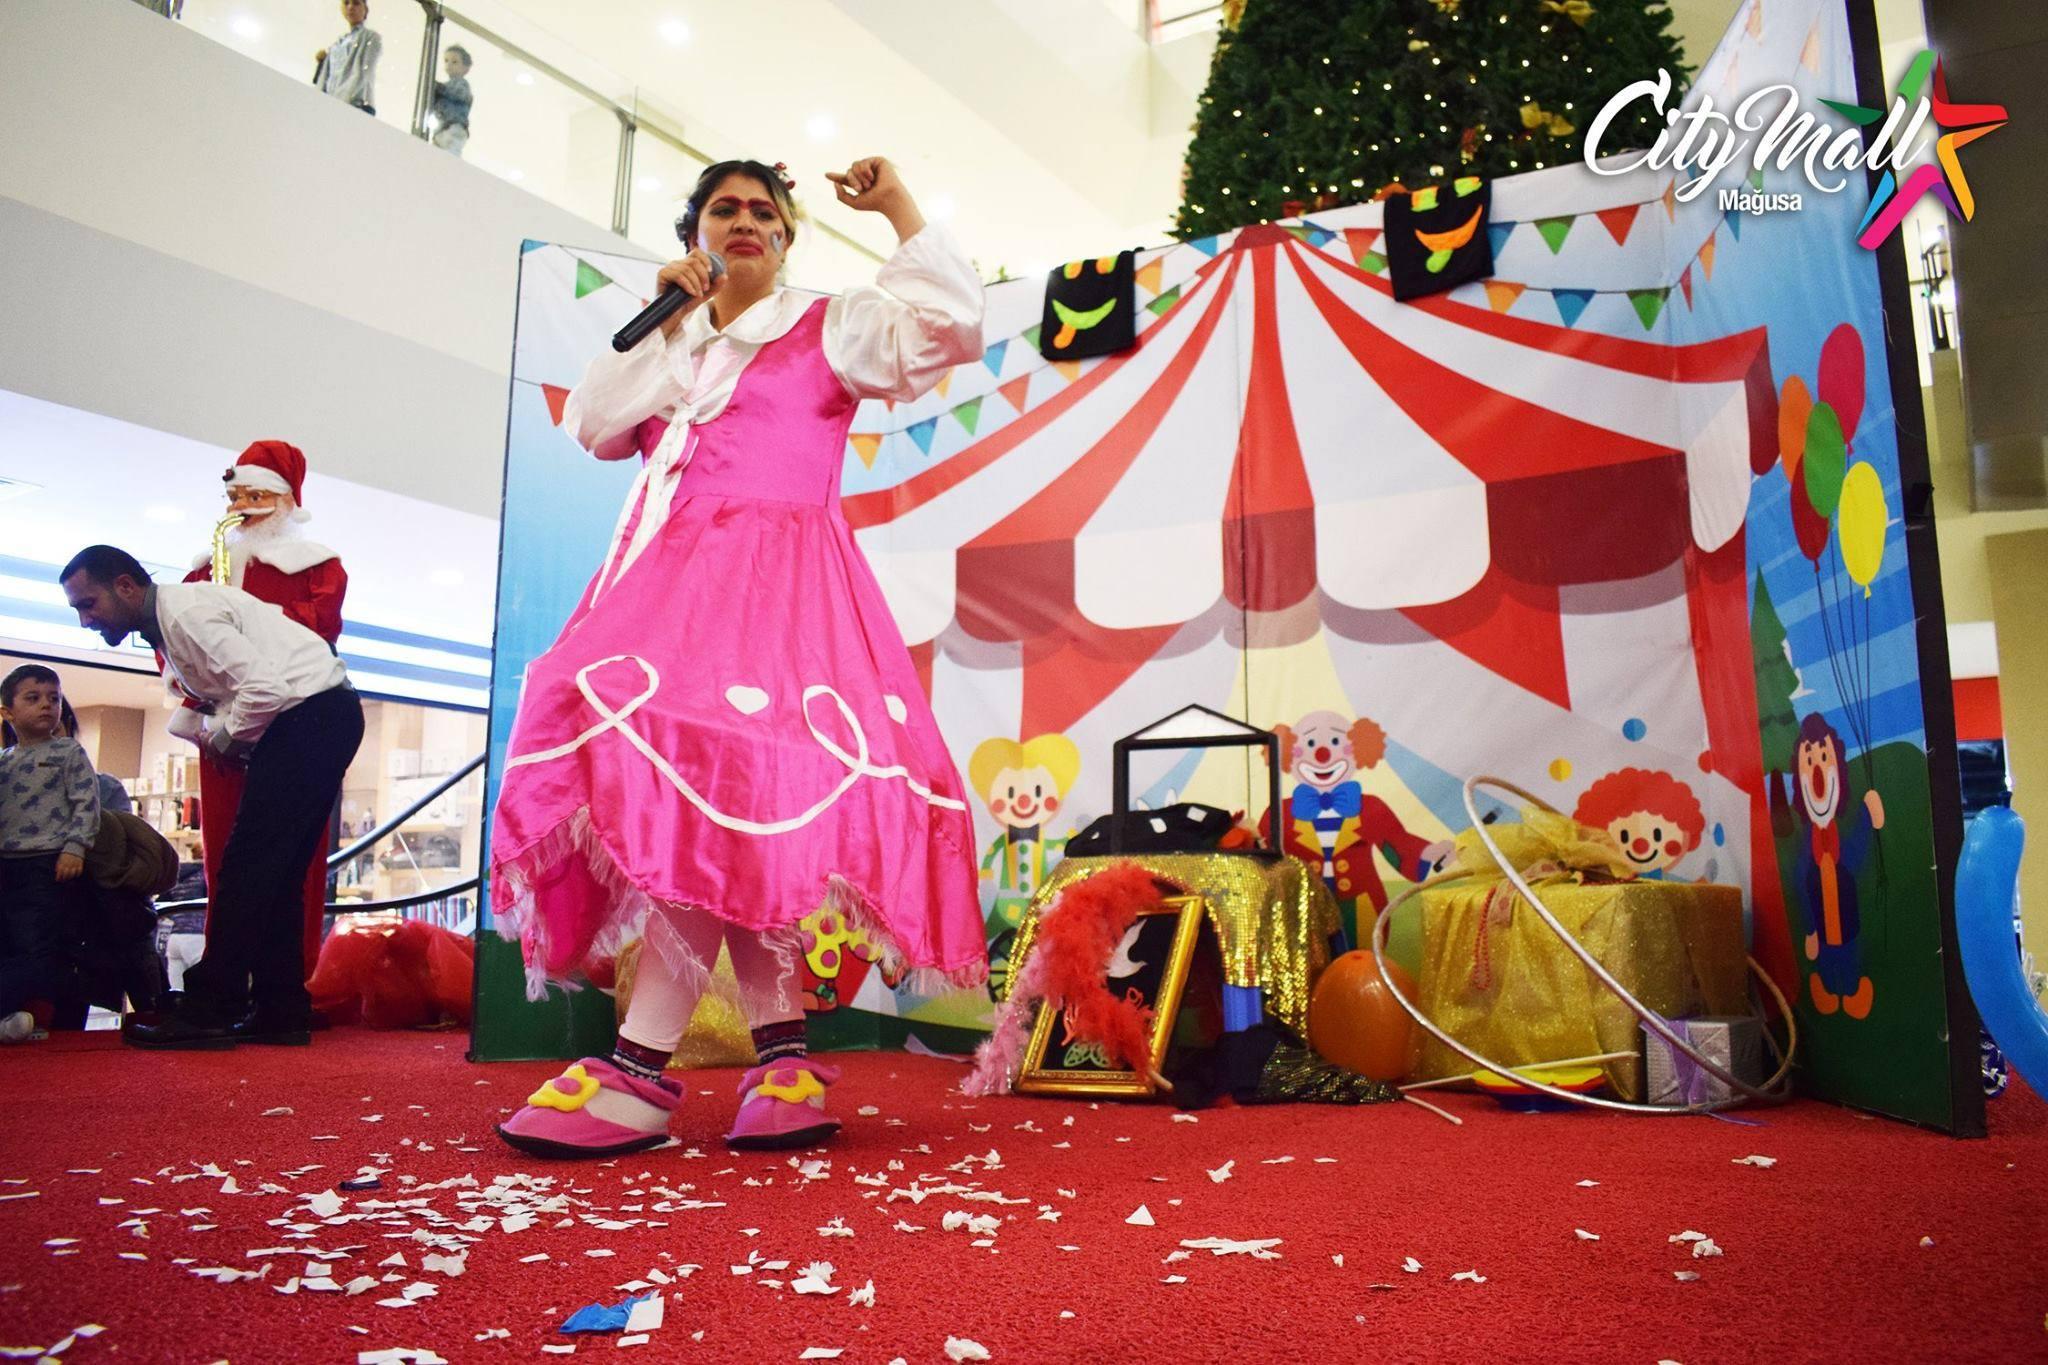 Цирковое представление в Сити Молл